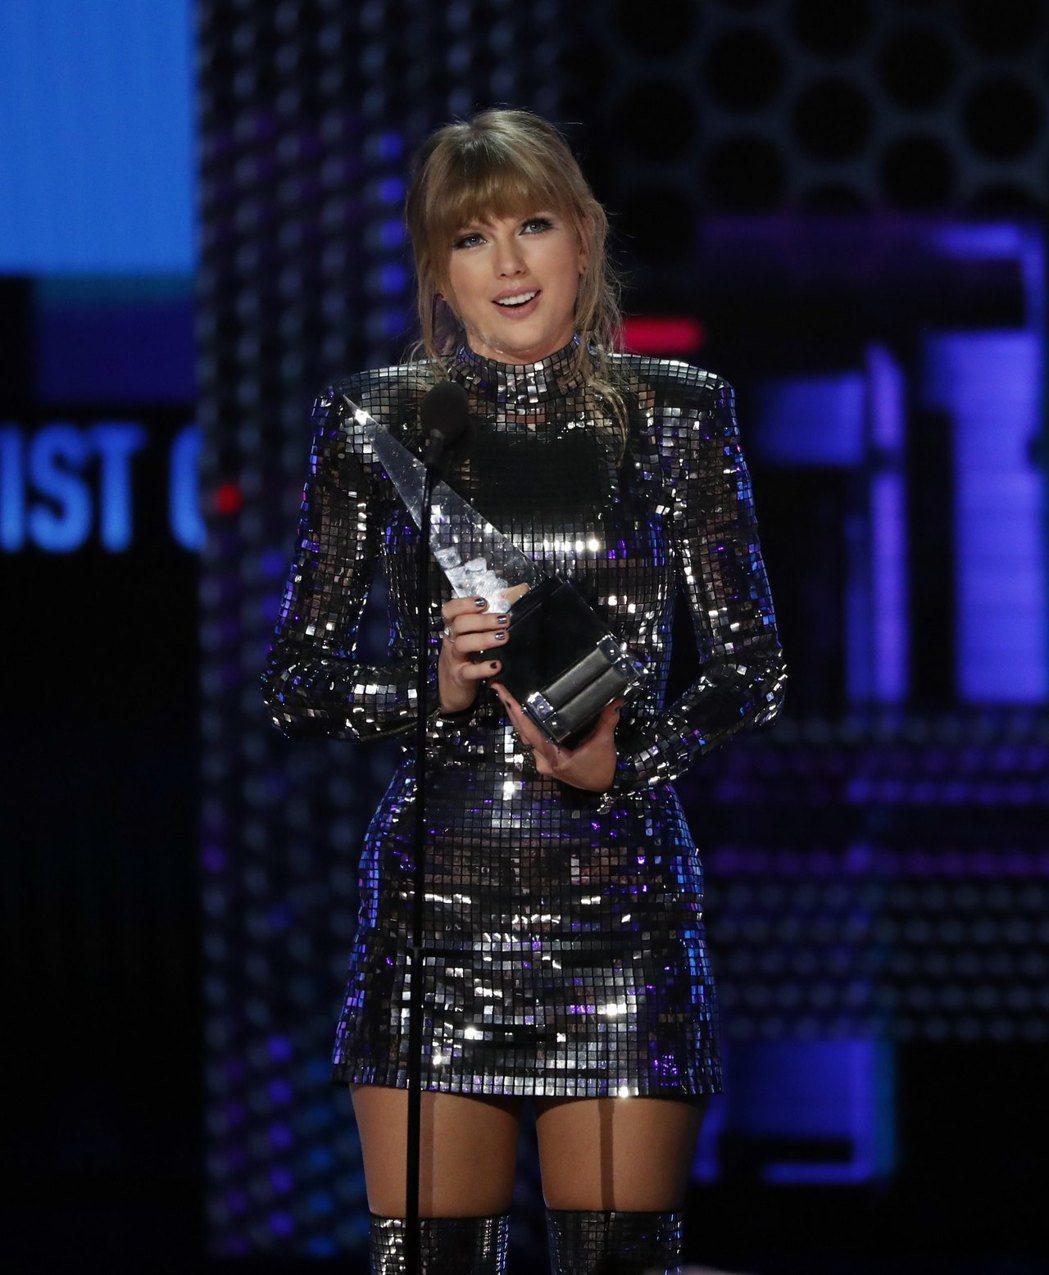 泰勒絲是本屆全美音樂獎最大贏家。(路透)